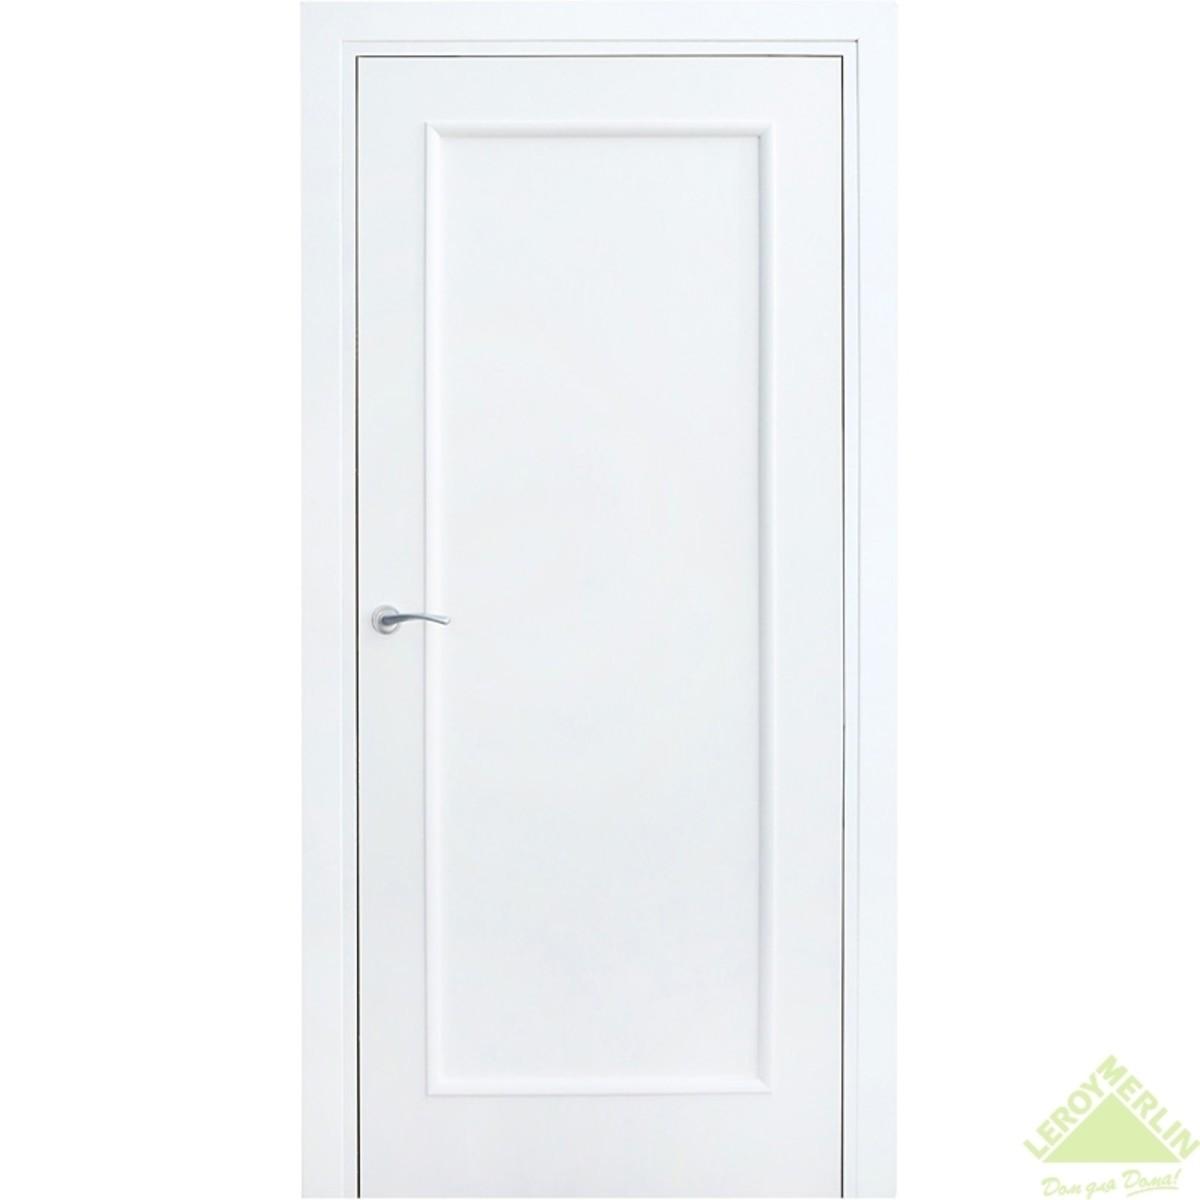 Дверь межкомнатная глухая Фортунато 810 800x2000 мм белый